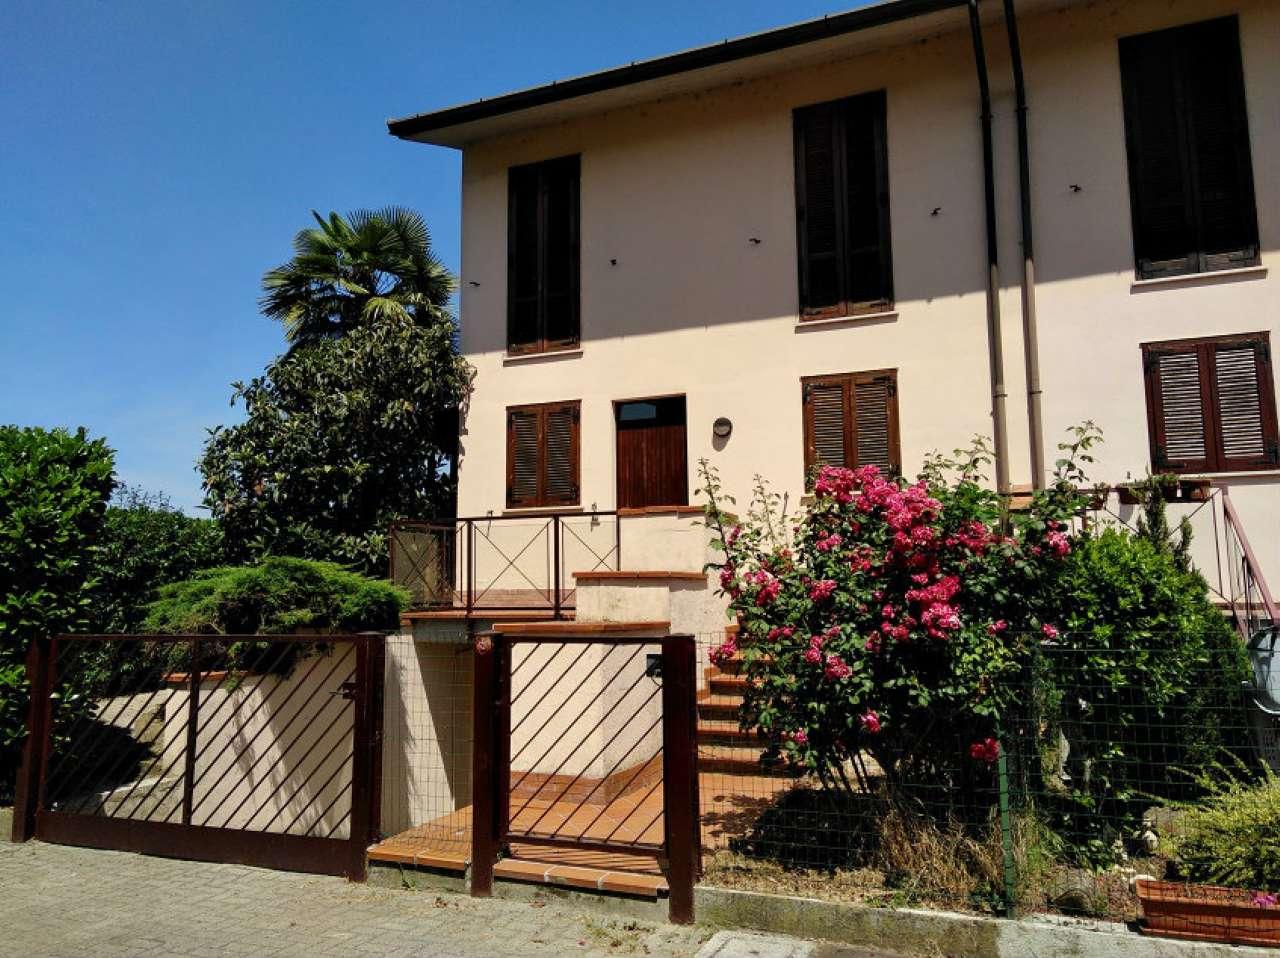 Villa in vendita a San Martino in Strada, 9999 locali, prezzo € 190.000 | Cambio Casa.it